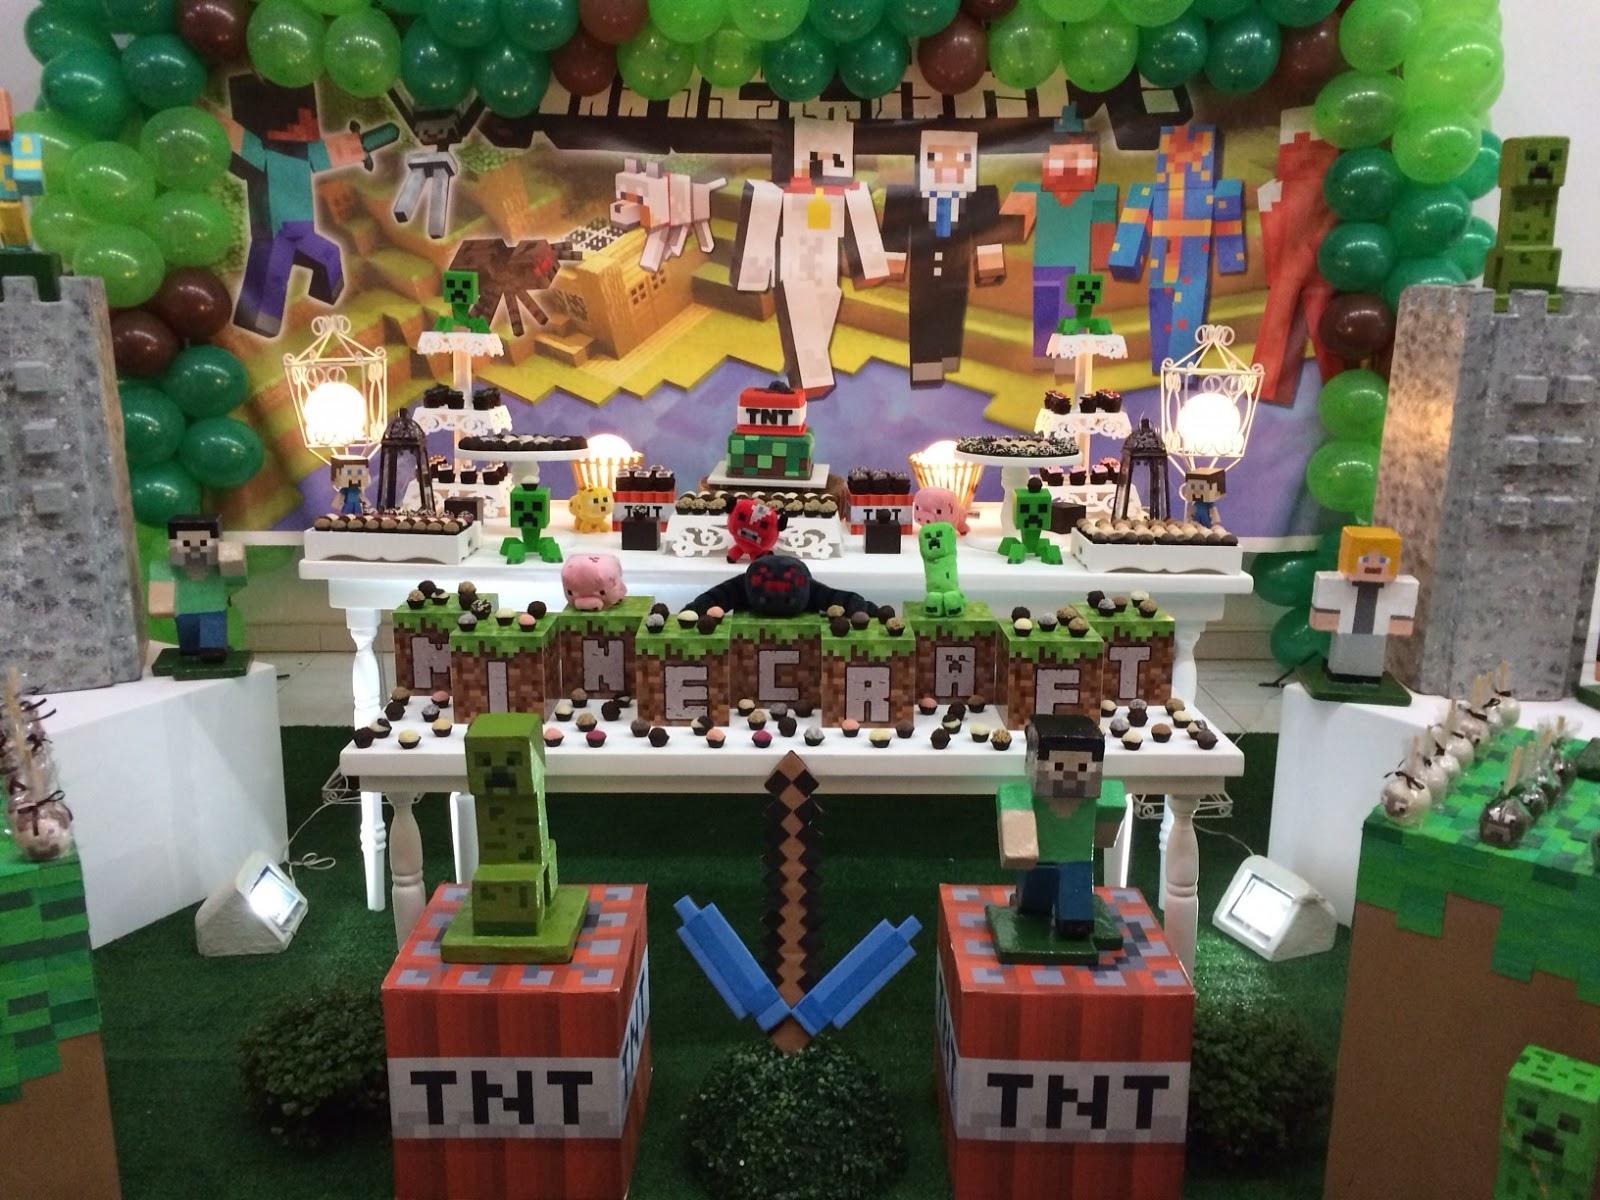 Decoraciones de fiestas infantiles y cajas decoradas - Decoraciones para fiestas ...